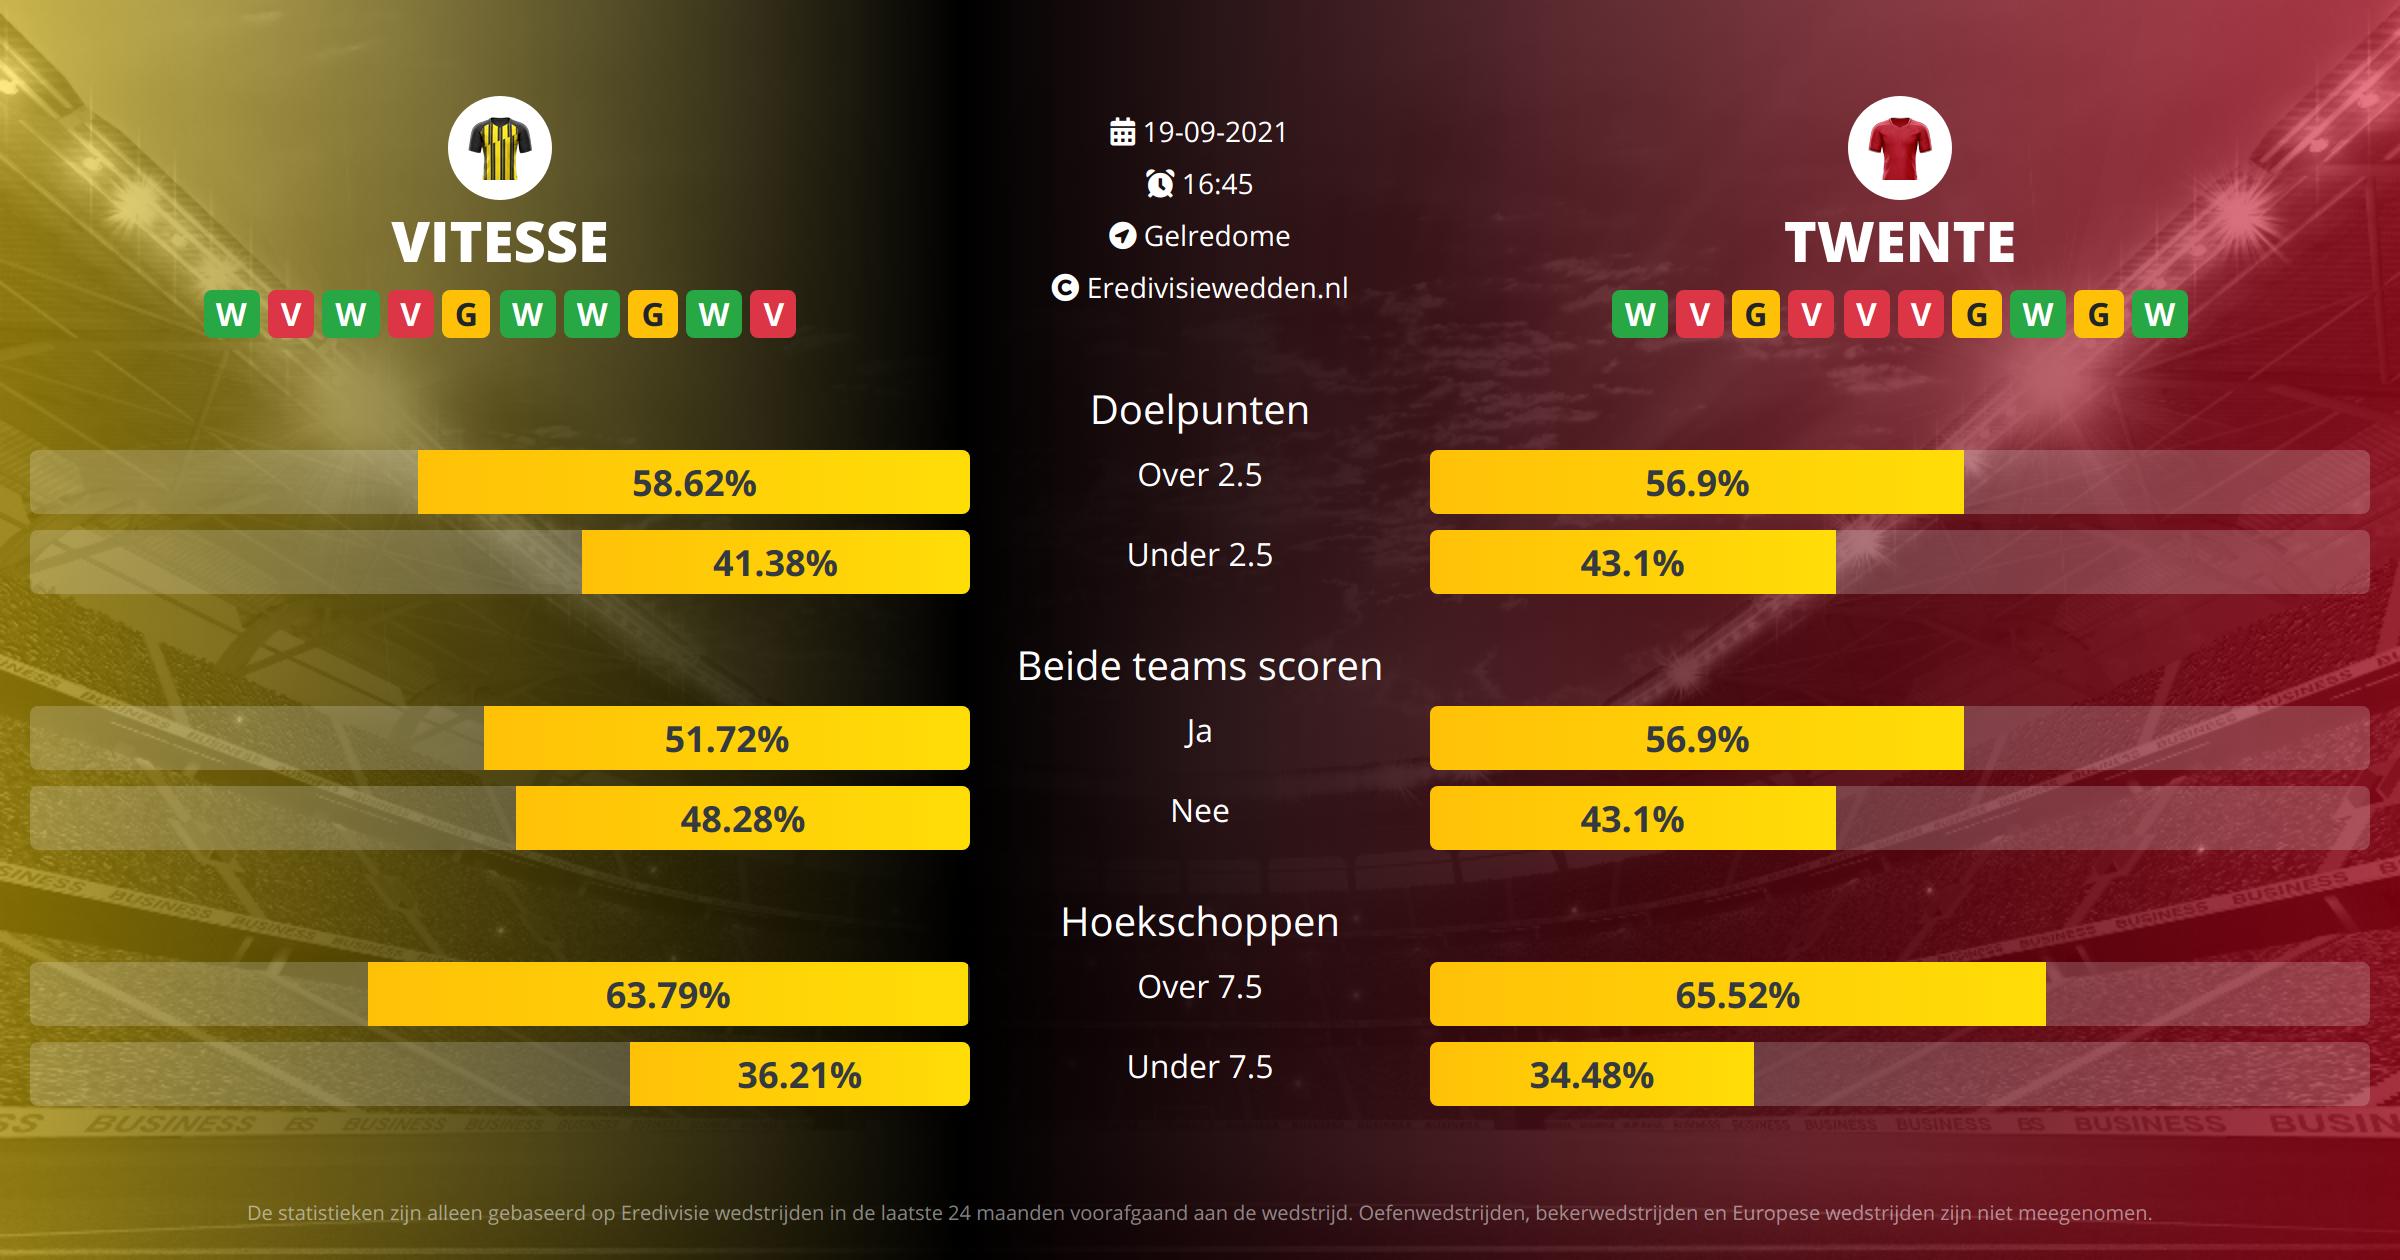 Voorspelling Vitesse tegen FC Twente op  19  2021